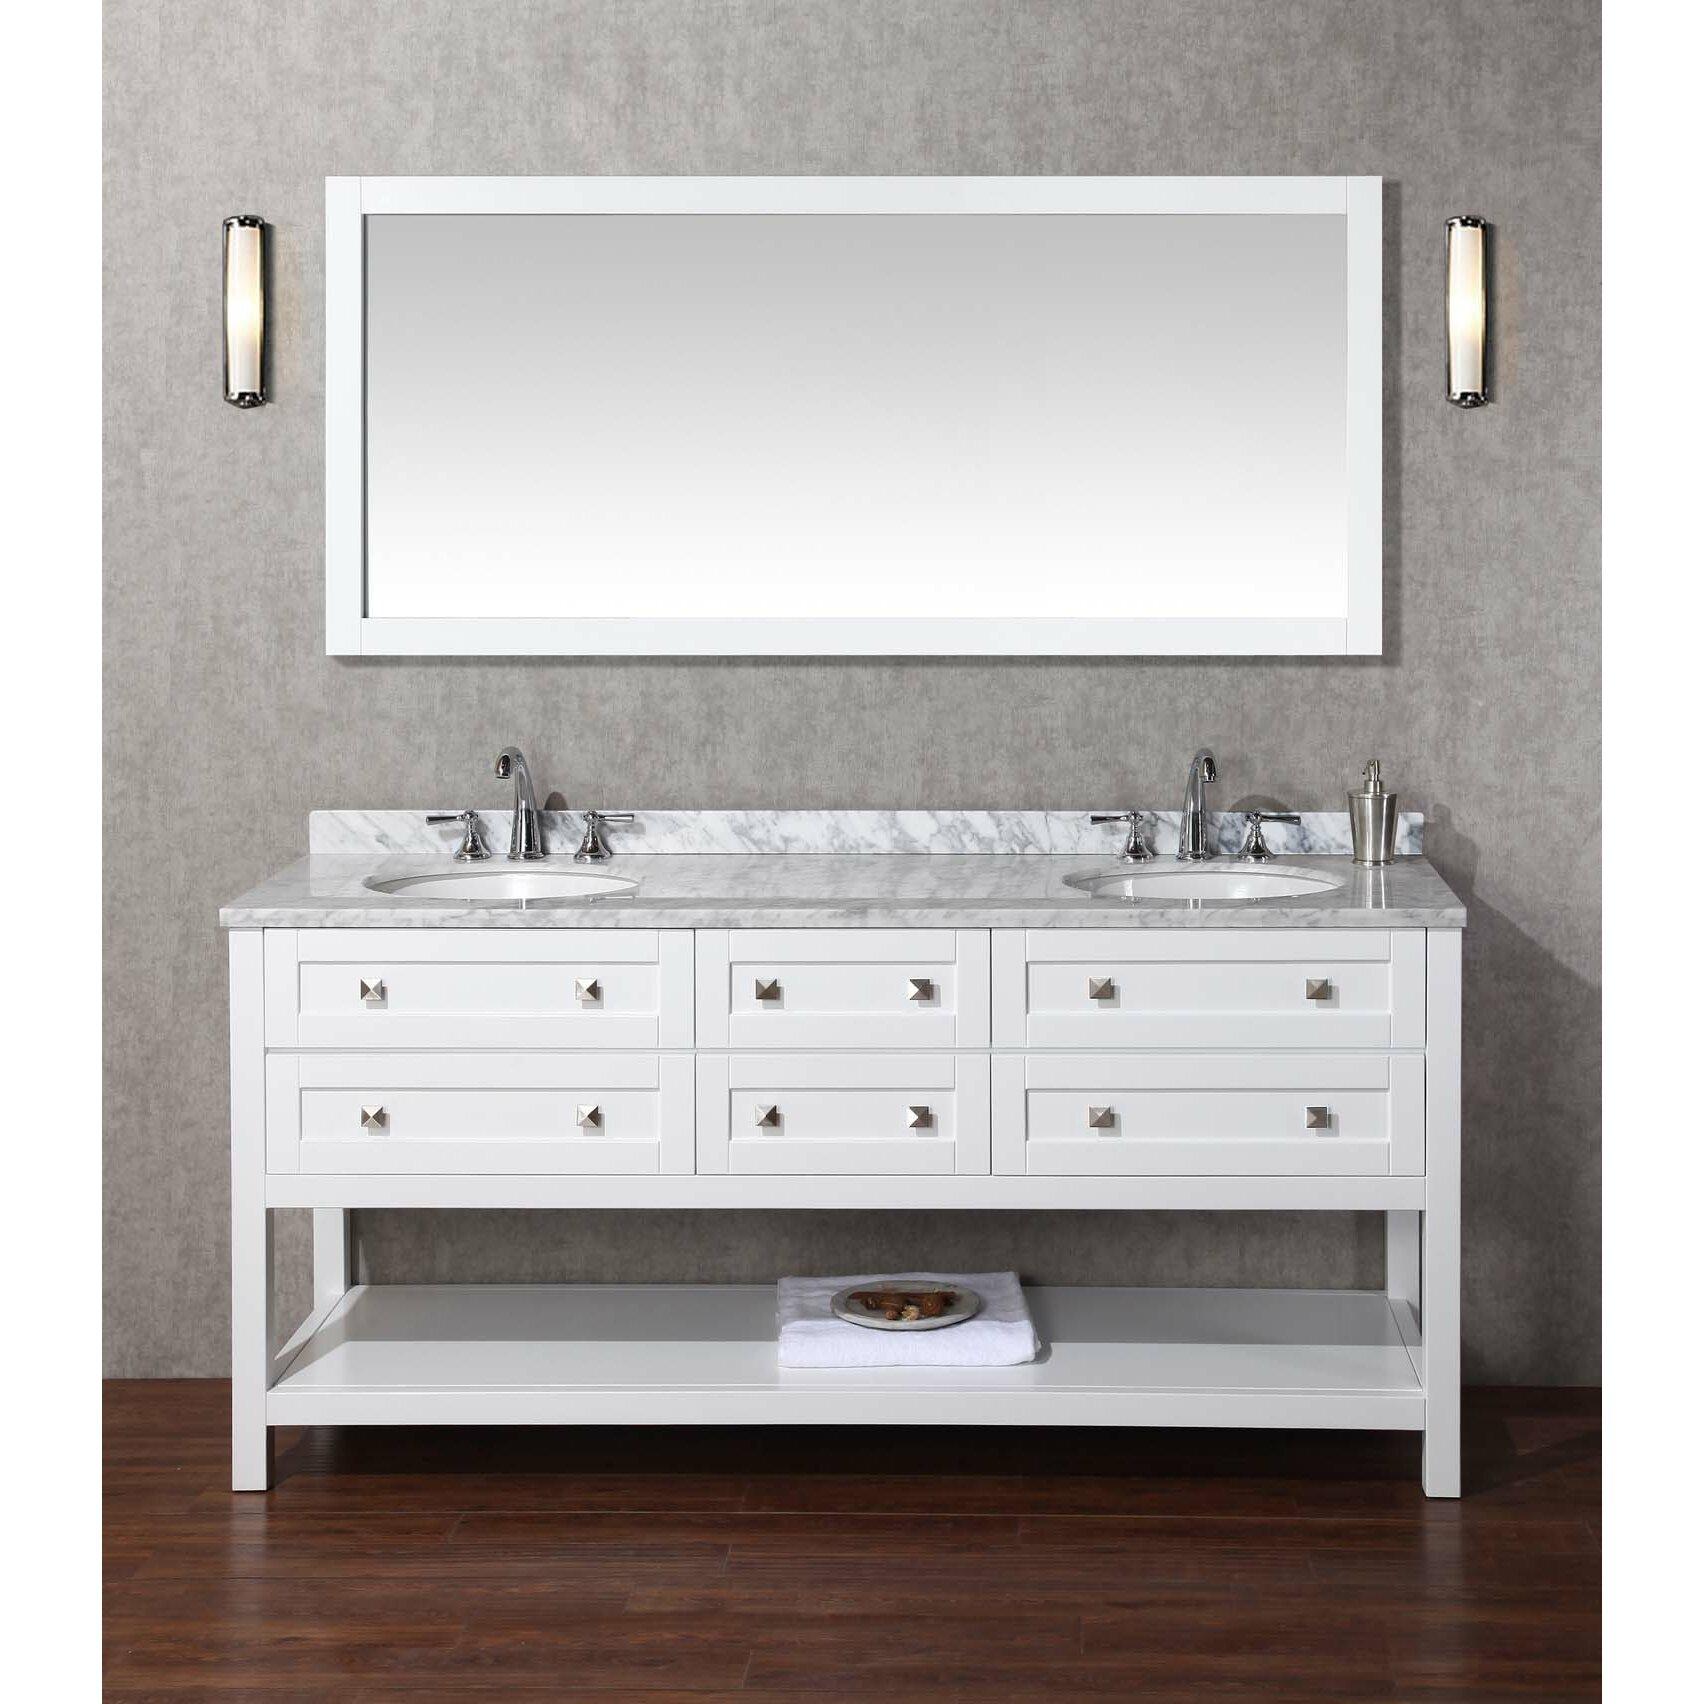 DCOR Design Albia 72 Double Bathroom Vanity Set With Mirror Revie